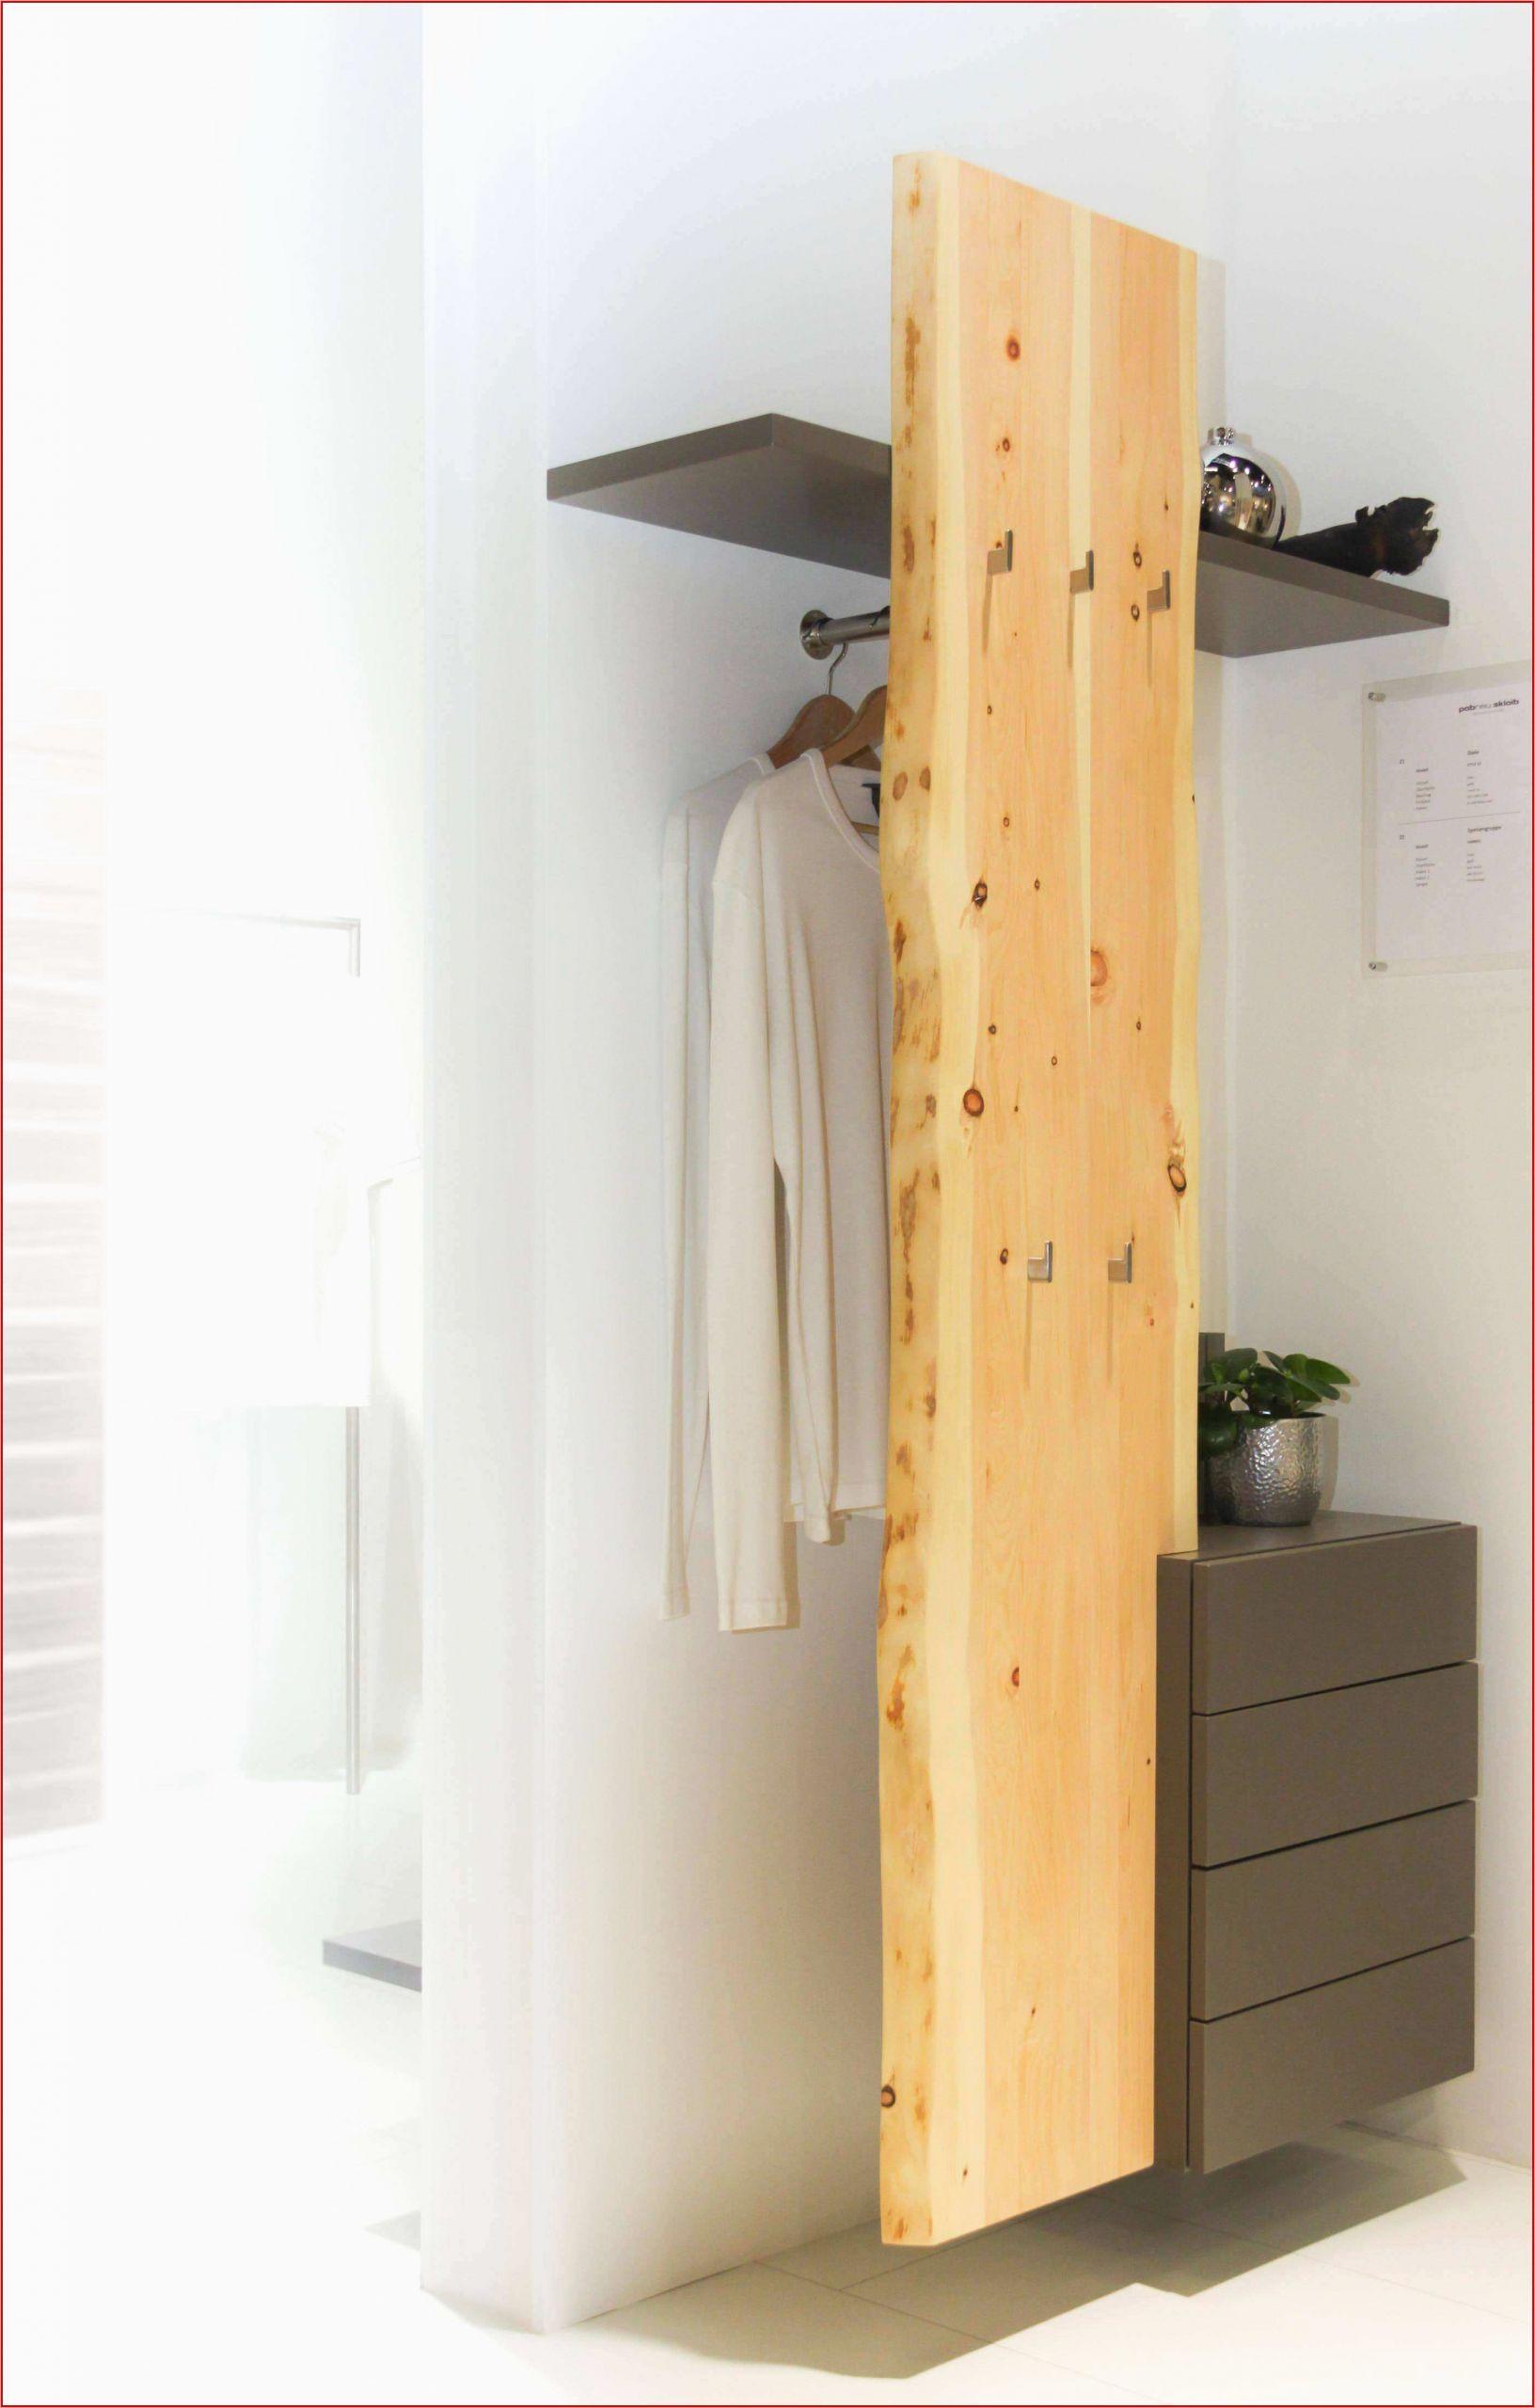 schoner wohnen wohnzimmer luxus einzigartig schoner wohnen wohnzimmer schrank inspirationen of schoner wohnen wohnzimmer